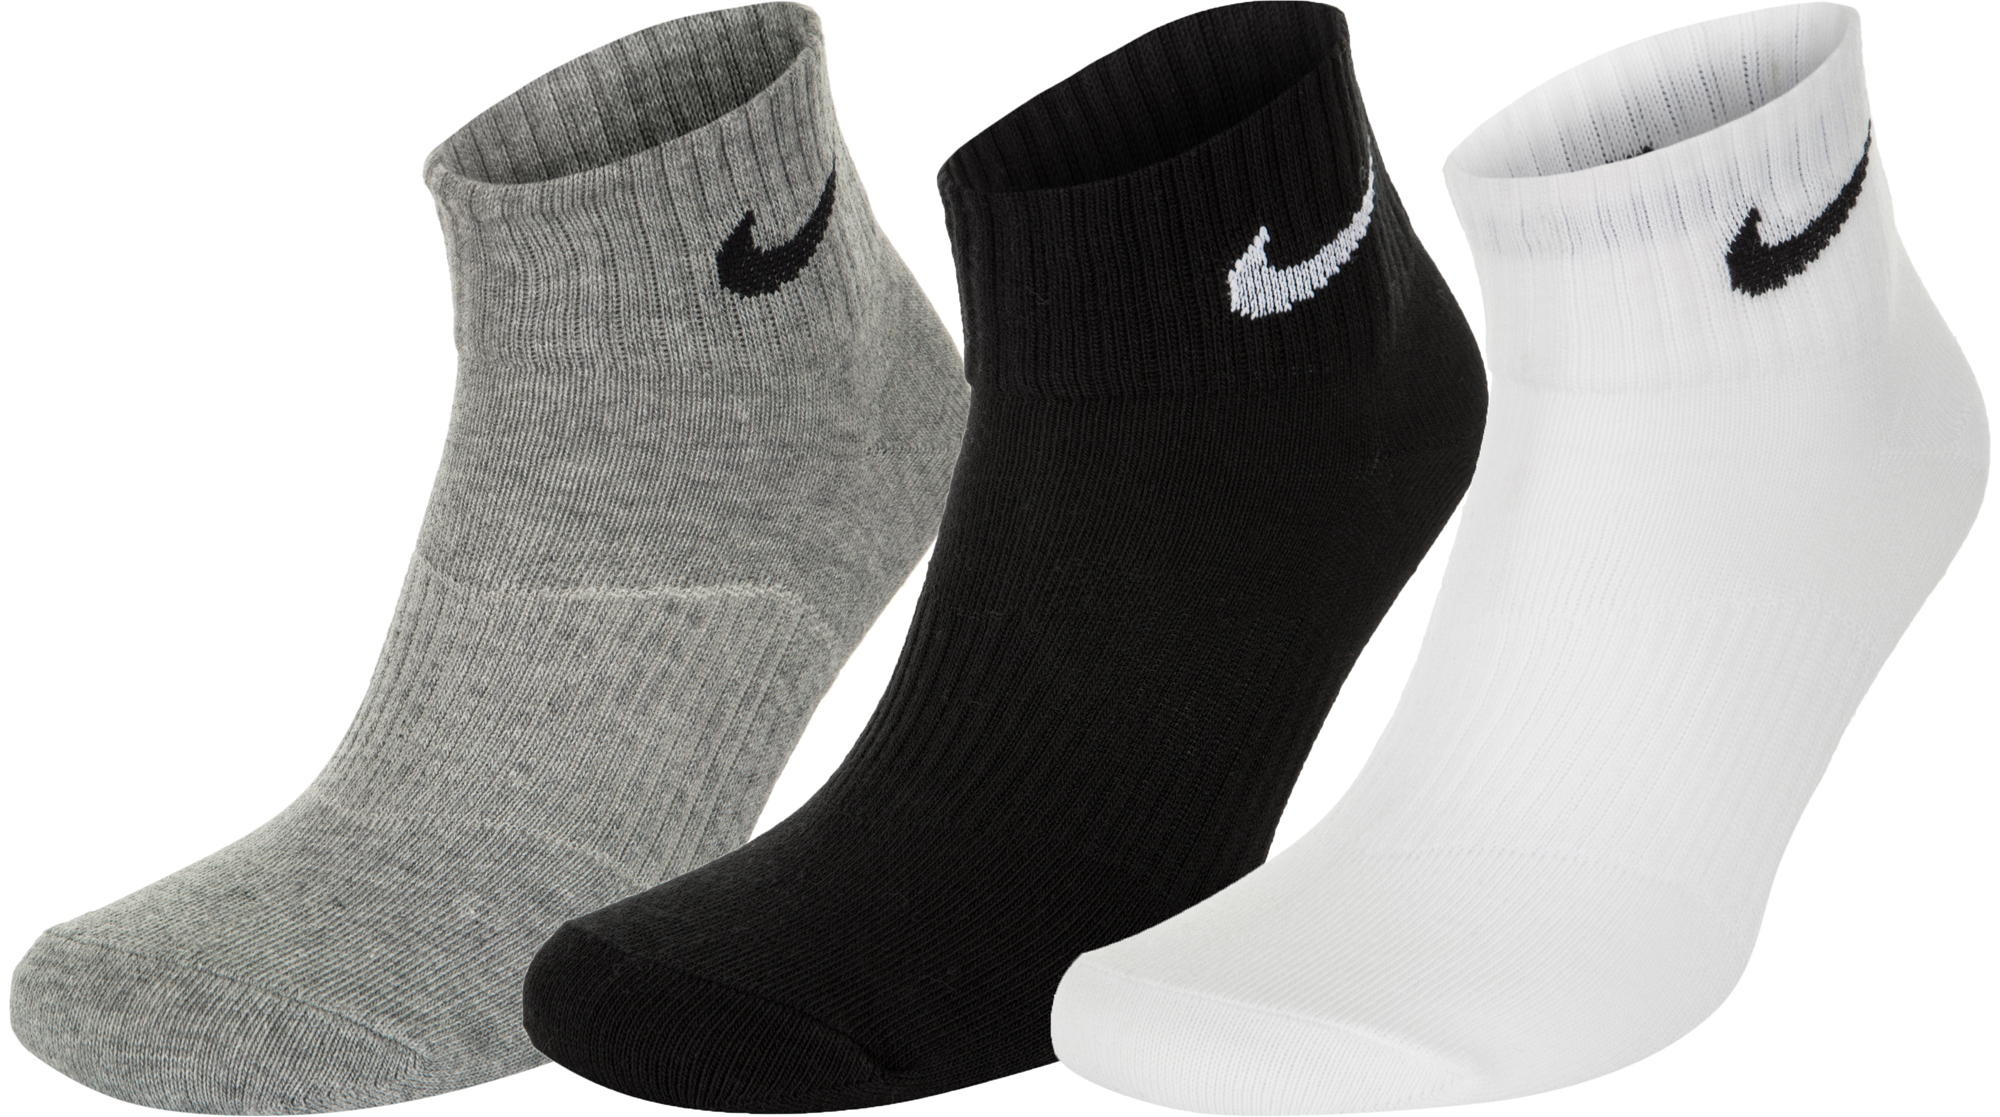 Nike Носки Nike Lightweight Quarter, 3 пары, размер 33-37 носки nike 3ppk lightweight no snow sx4705 001